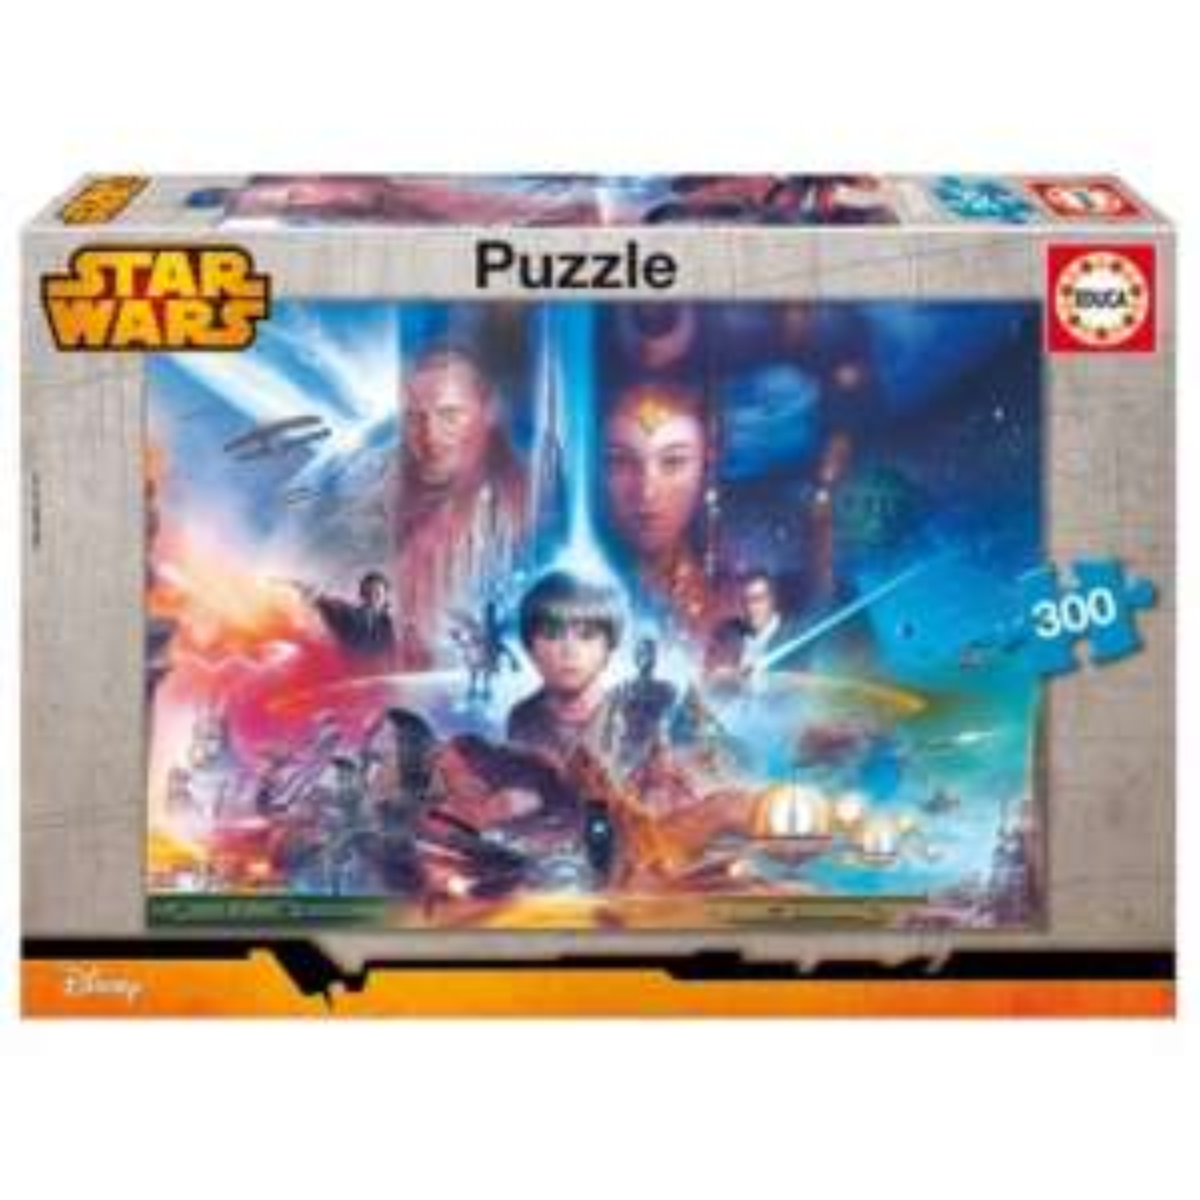 Jusqu'à –63 % sur une sélection jouets Star Wars / Playmobil / Disney- Ex: Puzzle 300 pièces Star Wars